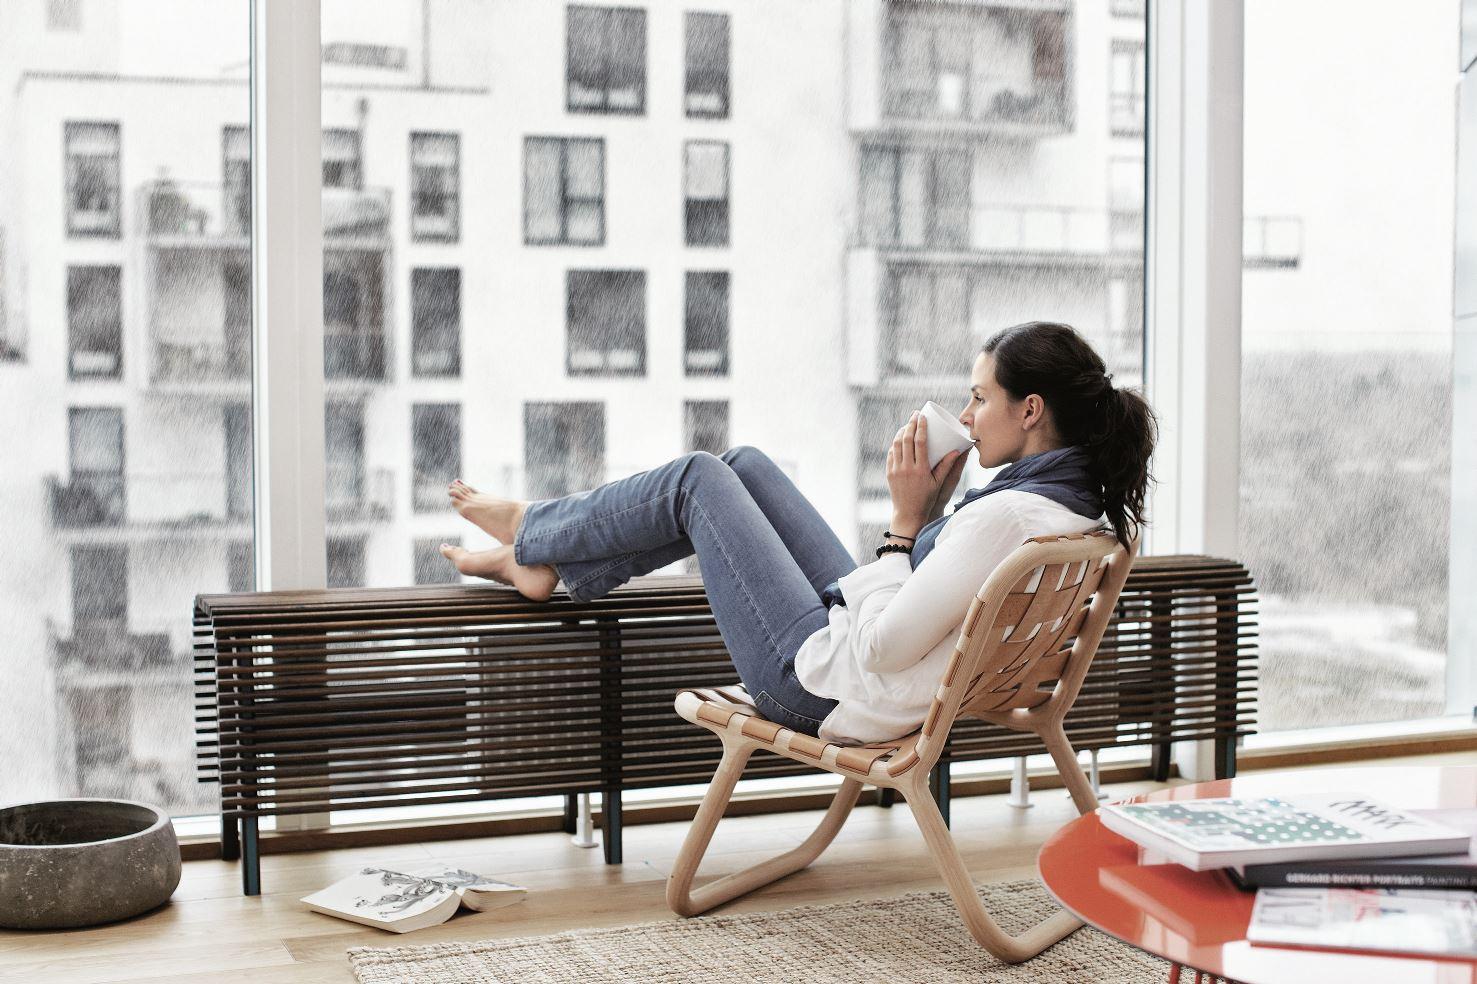 Lehká plovoucí podlaha, na níž sedí žena v křesle